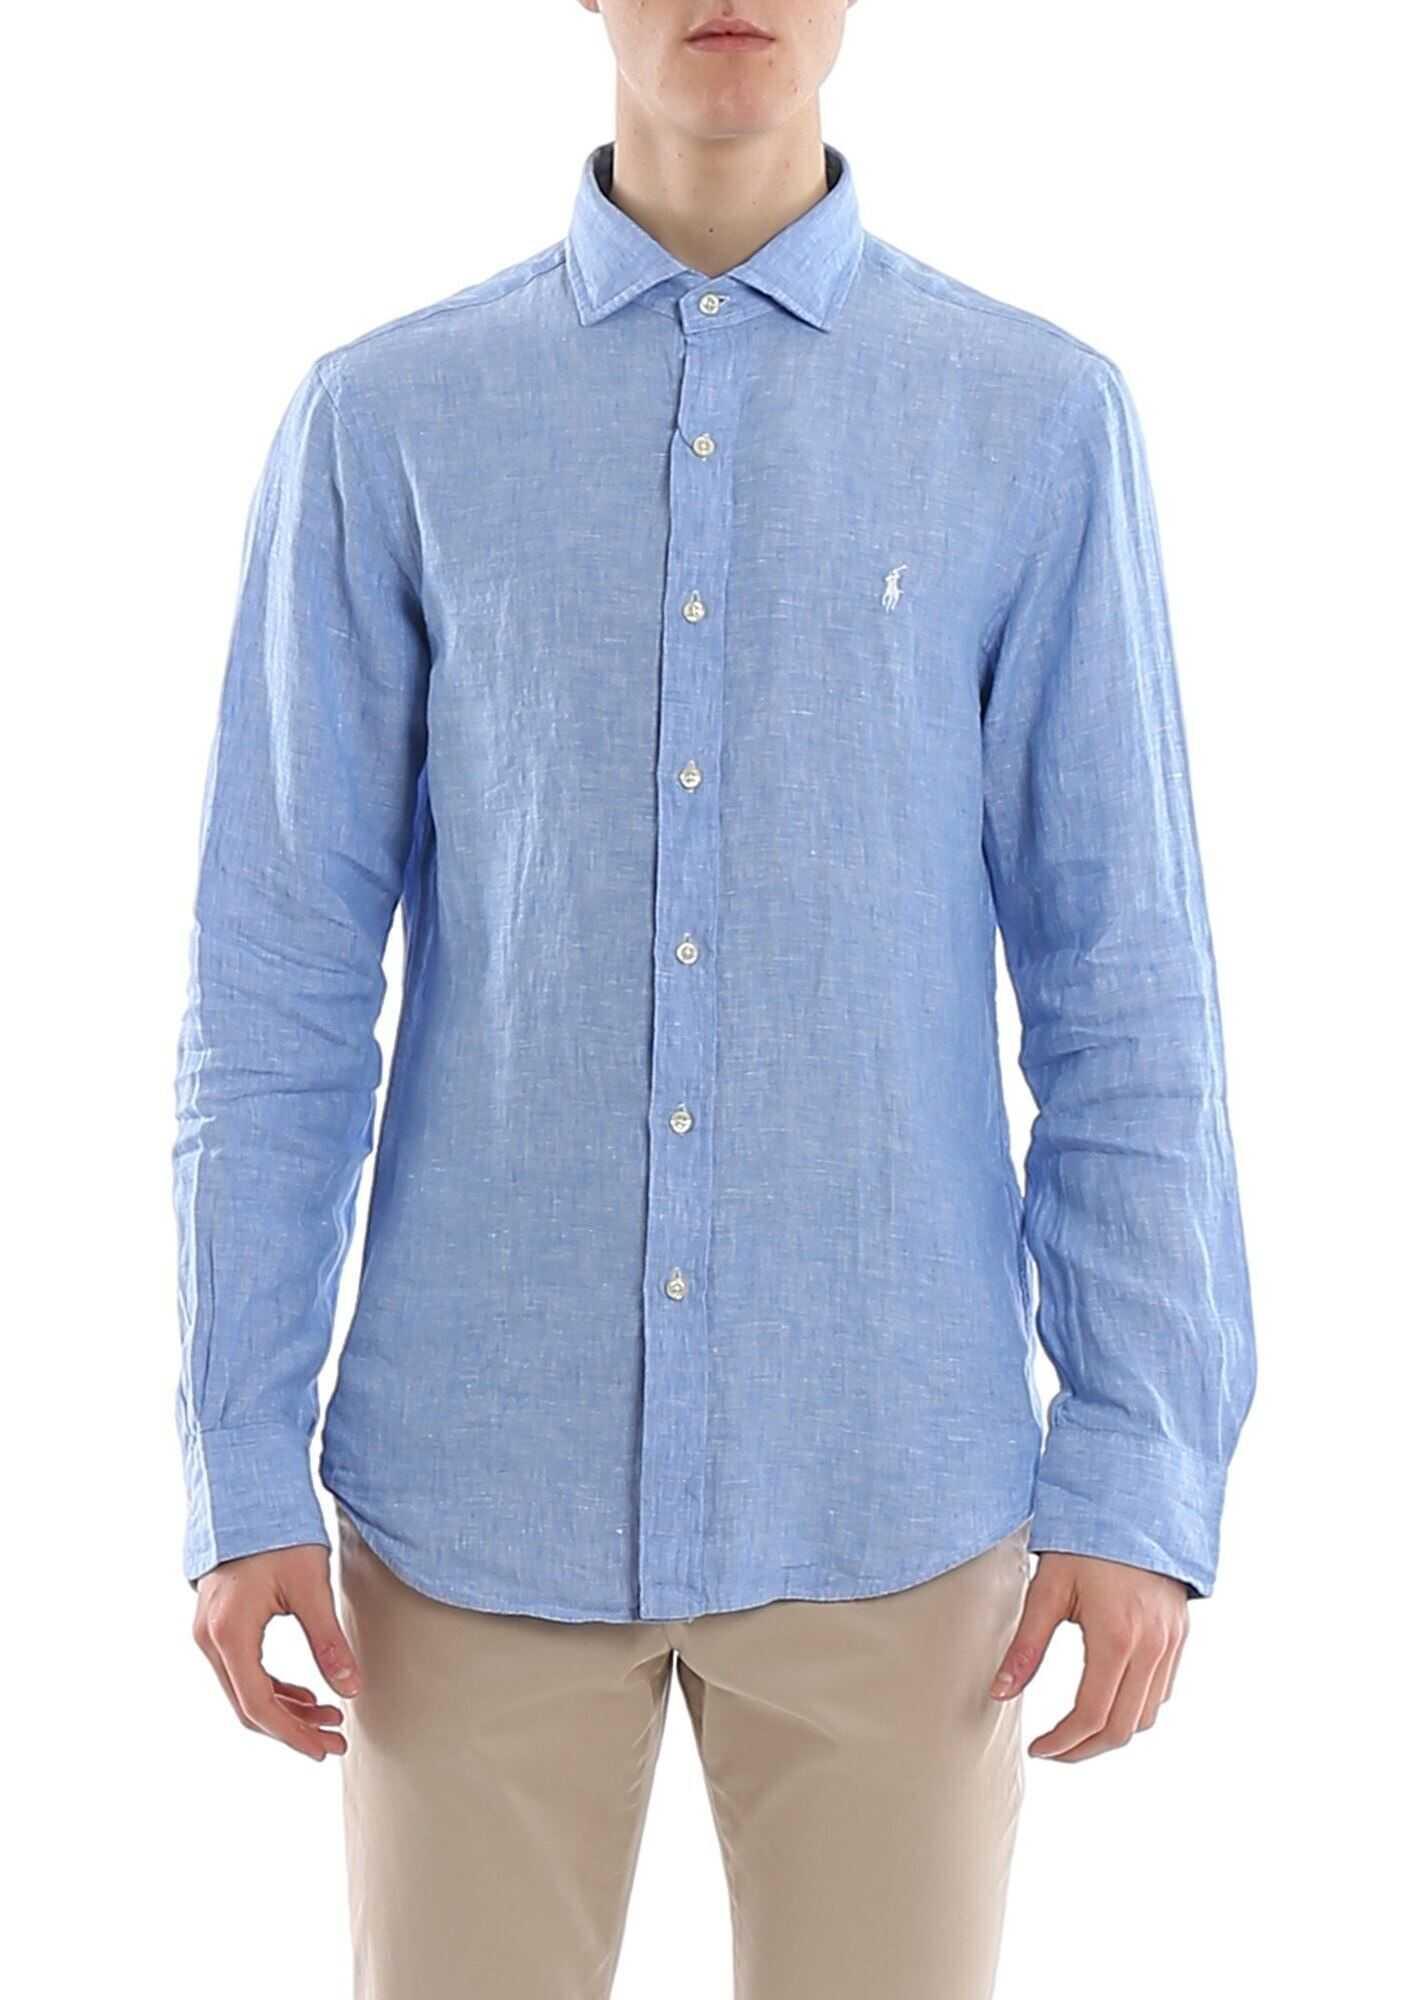 Ralph Lauren Iconic Logo Shirt In Light Blue Light Blue imagine